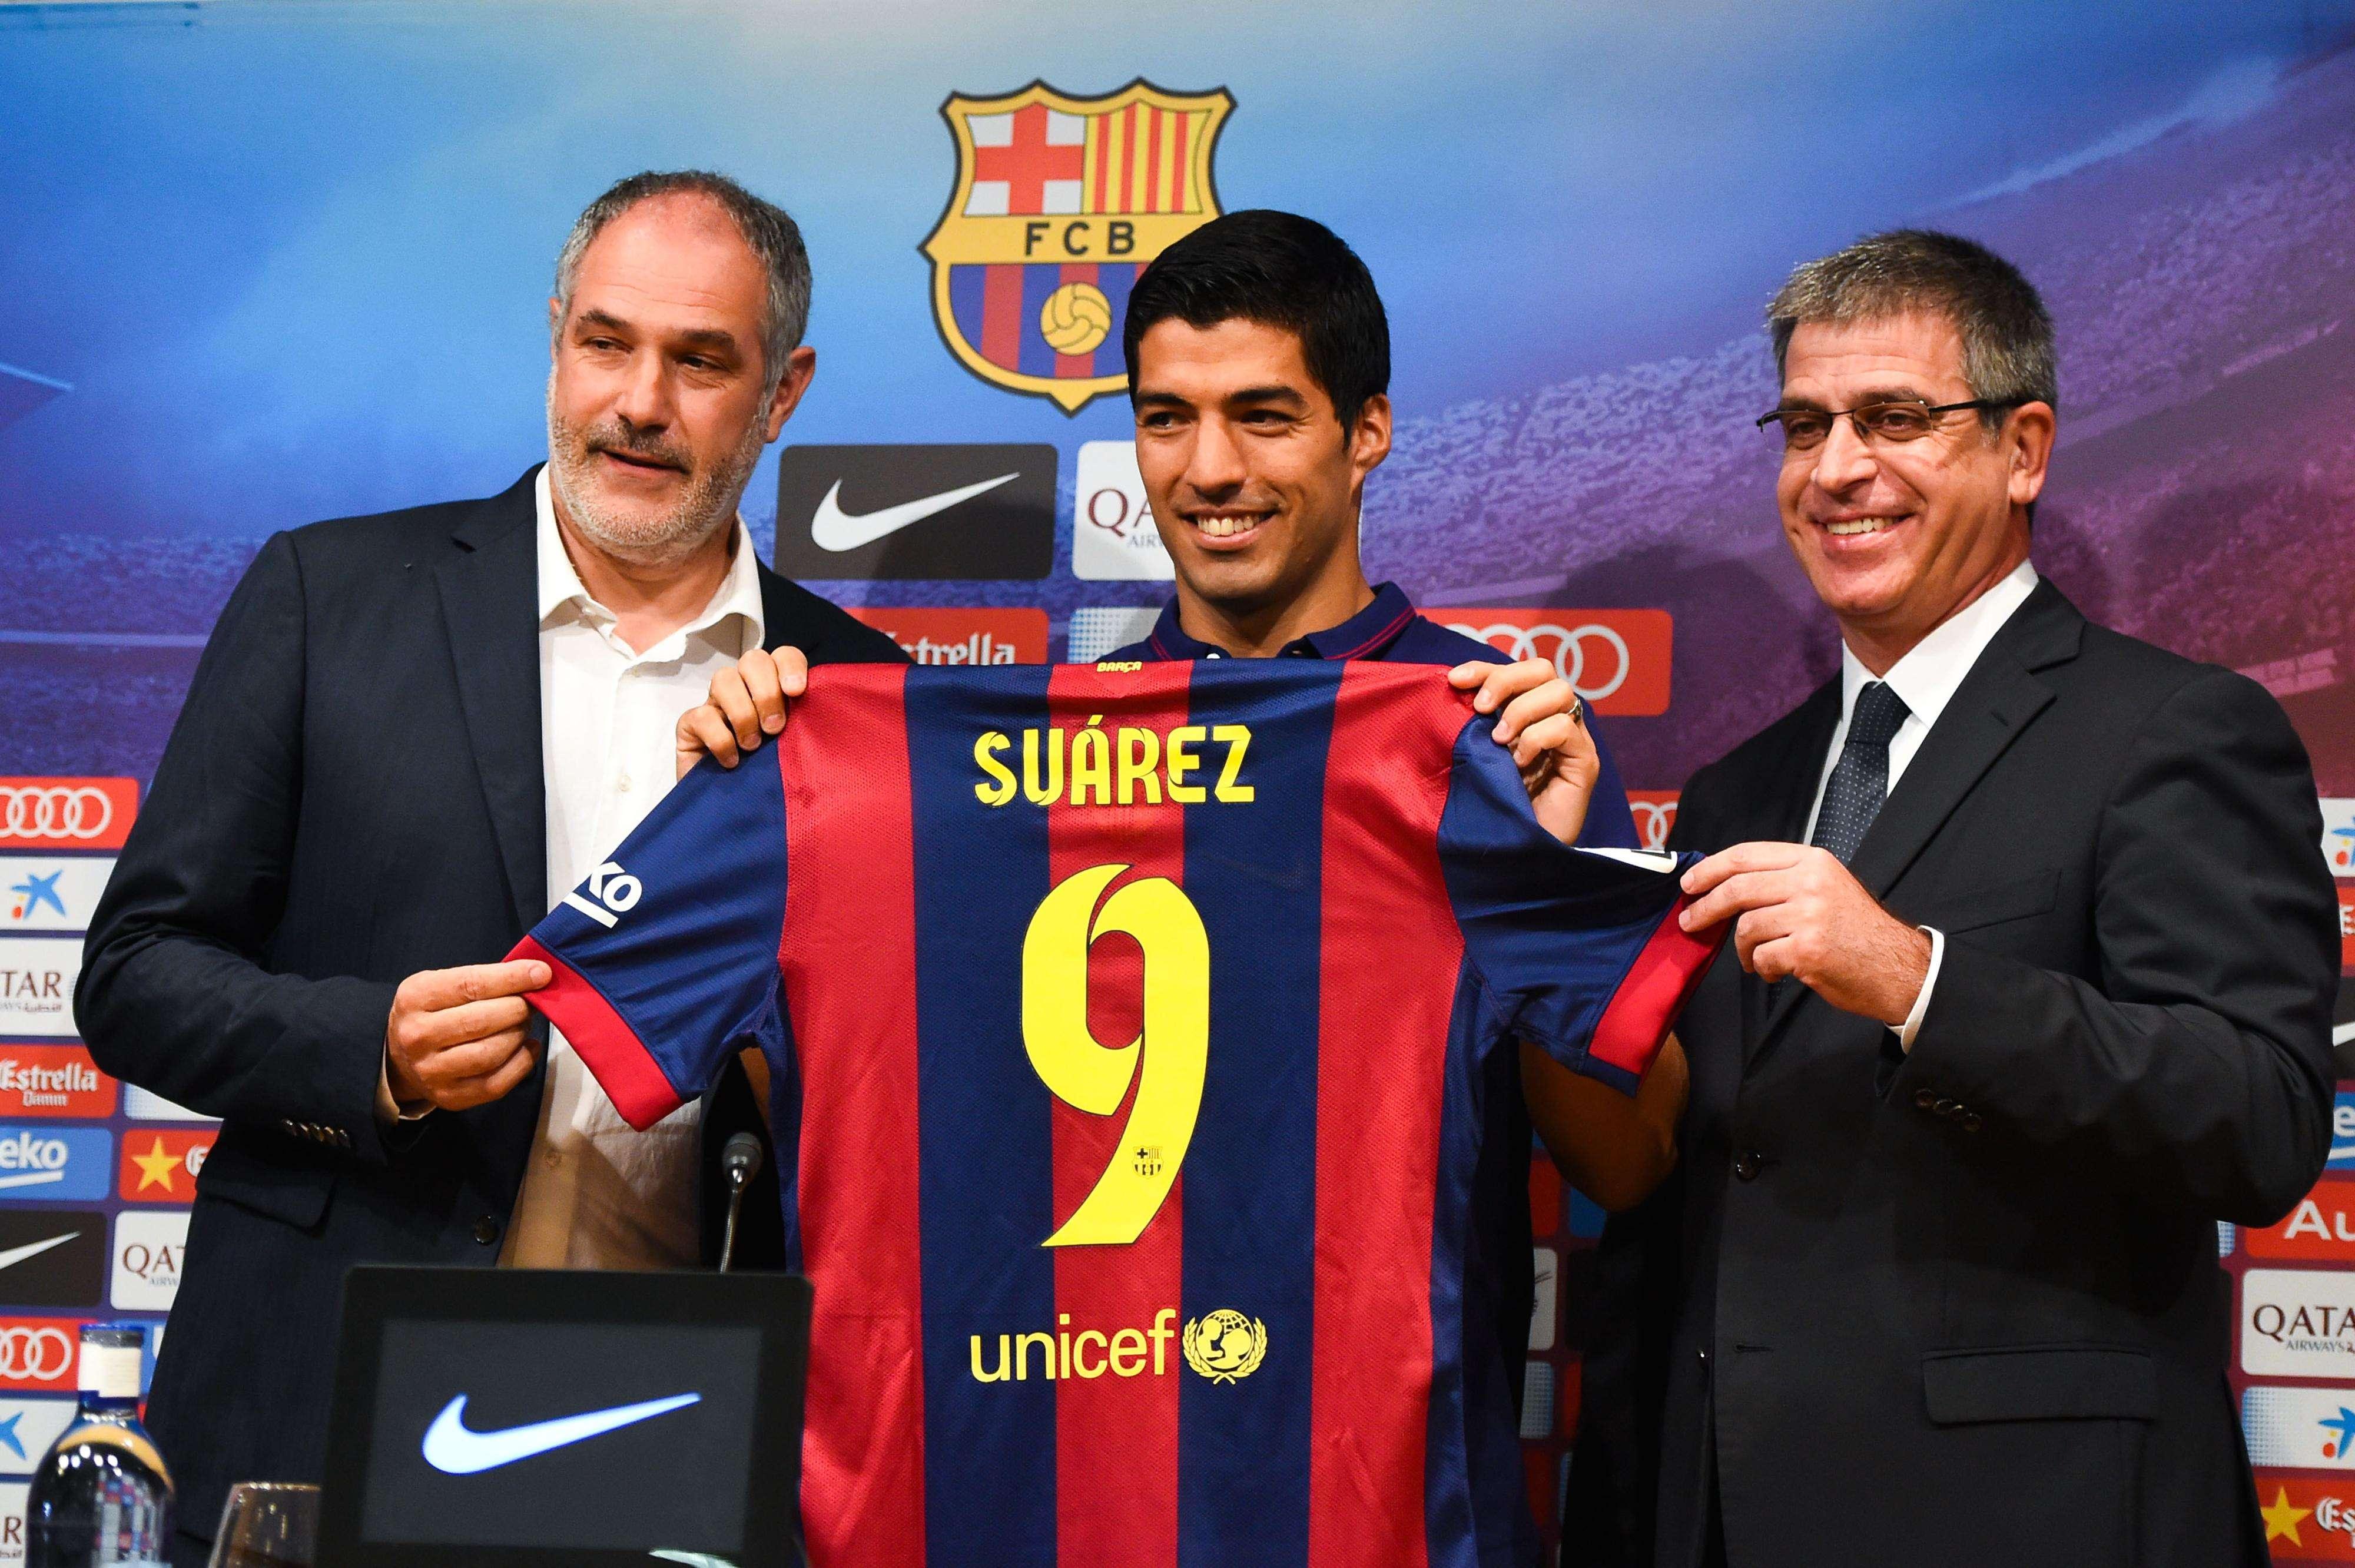 Luis Suárez posa con su nueva camiseta. Foto: Getty Images